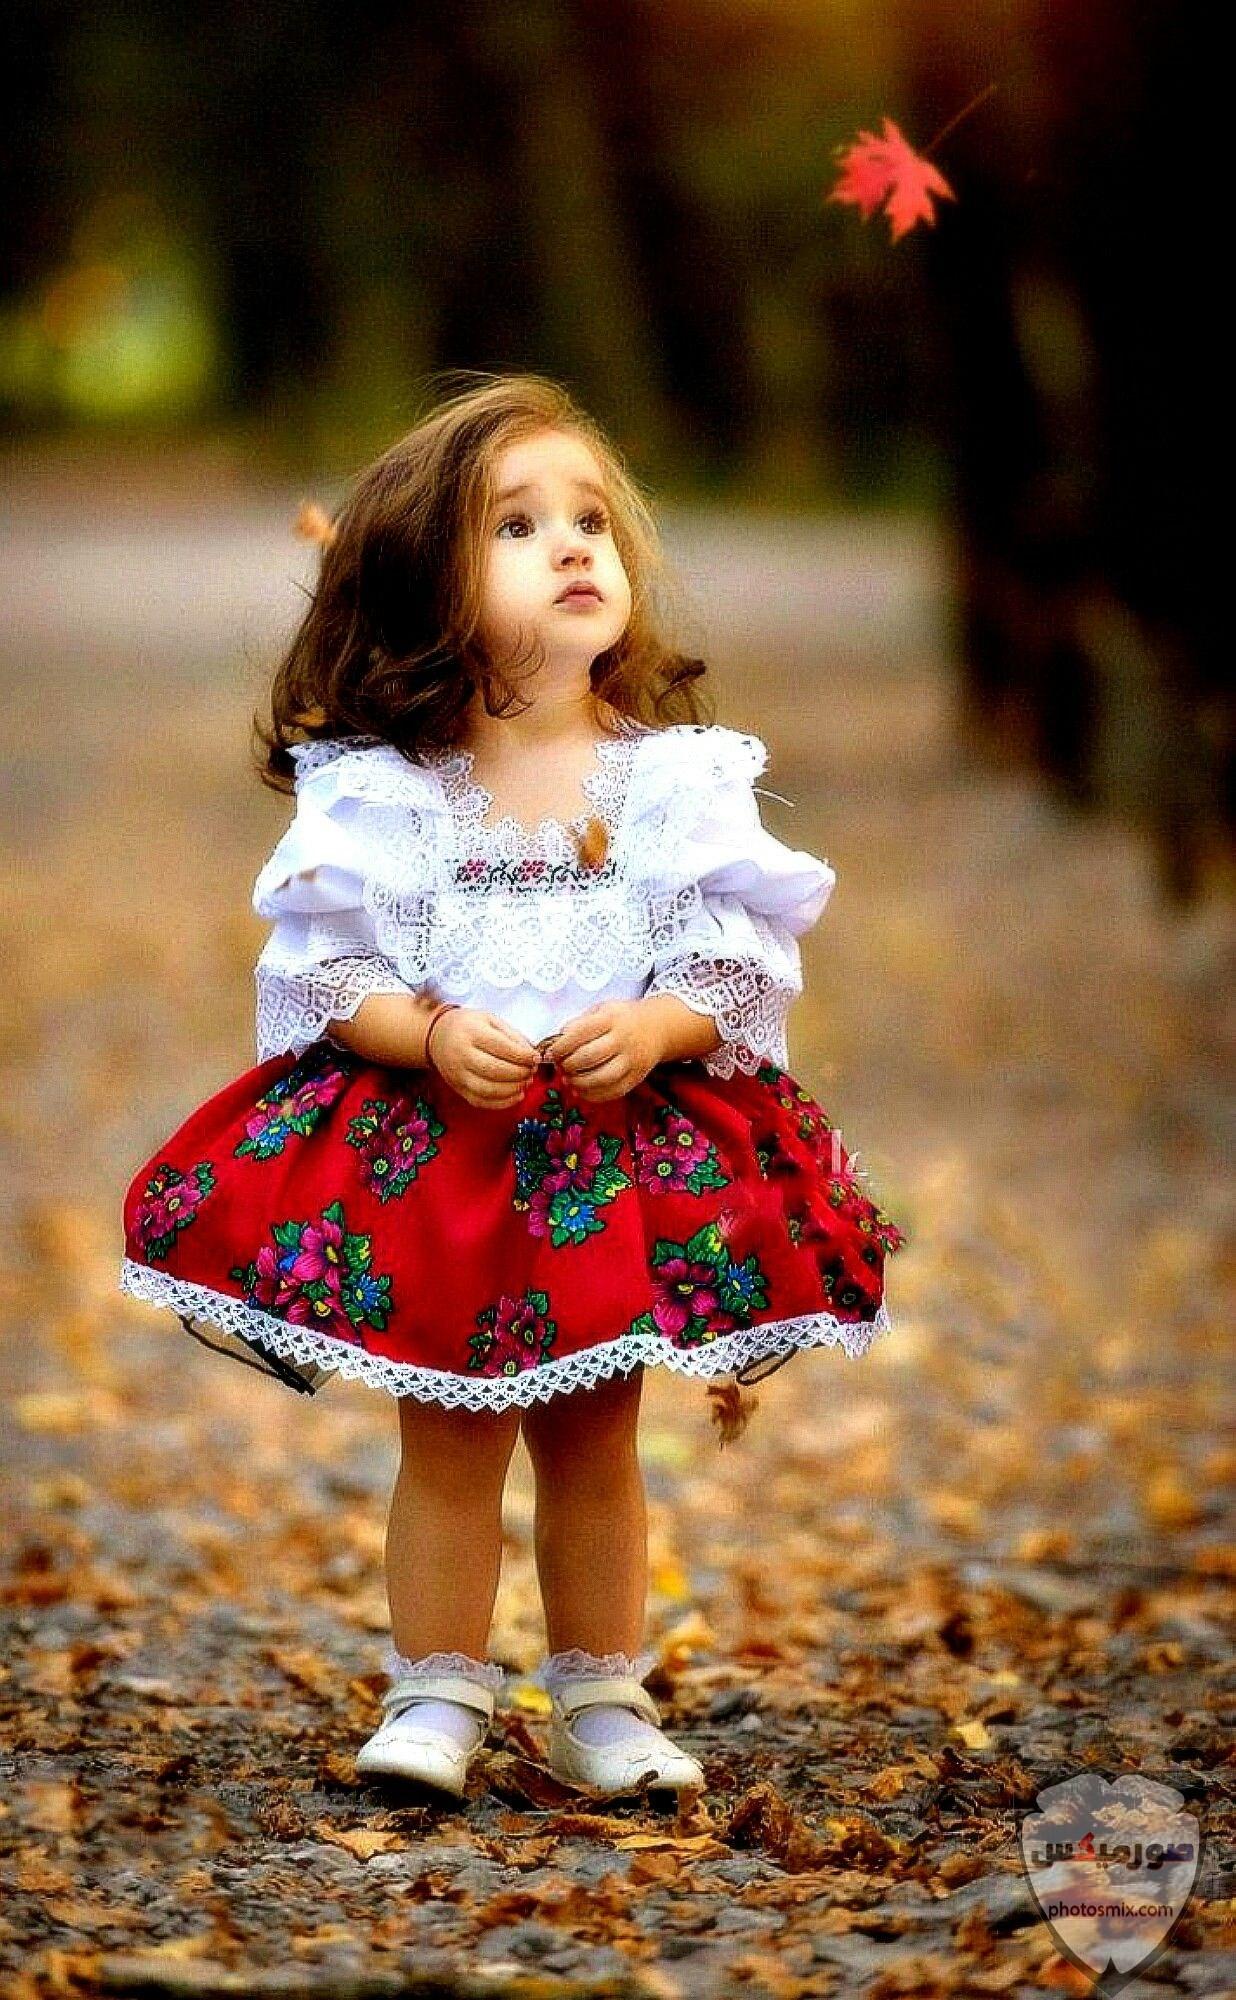 صور اطفال 2021 تحميل اكثر من 100 صور اطفال جميلة صور اطفال روعة 2020 34 1